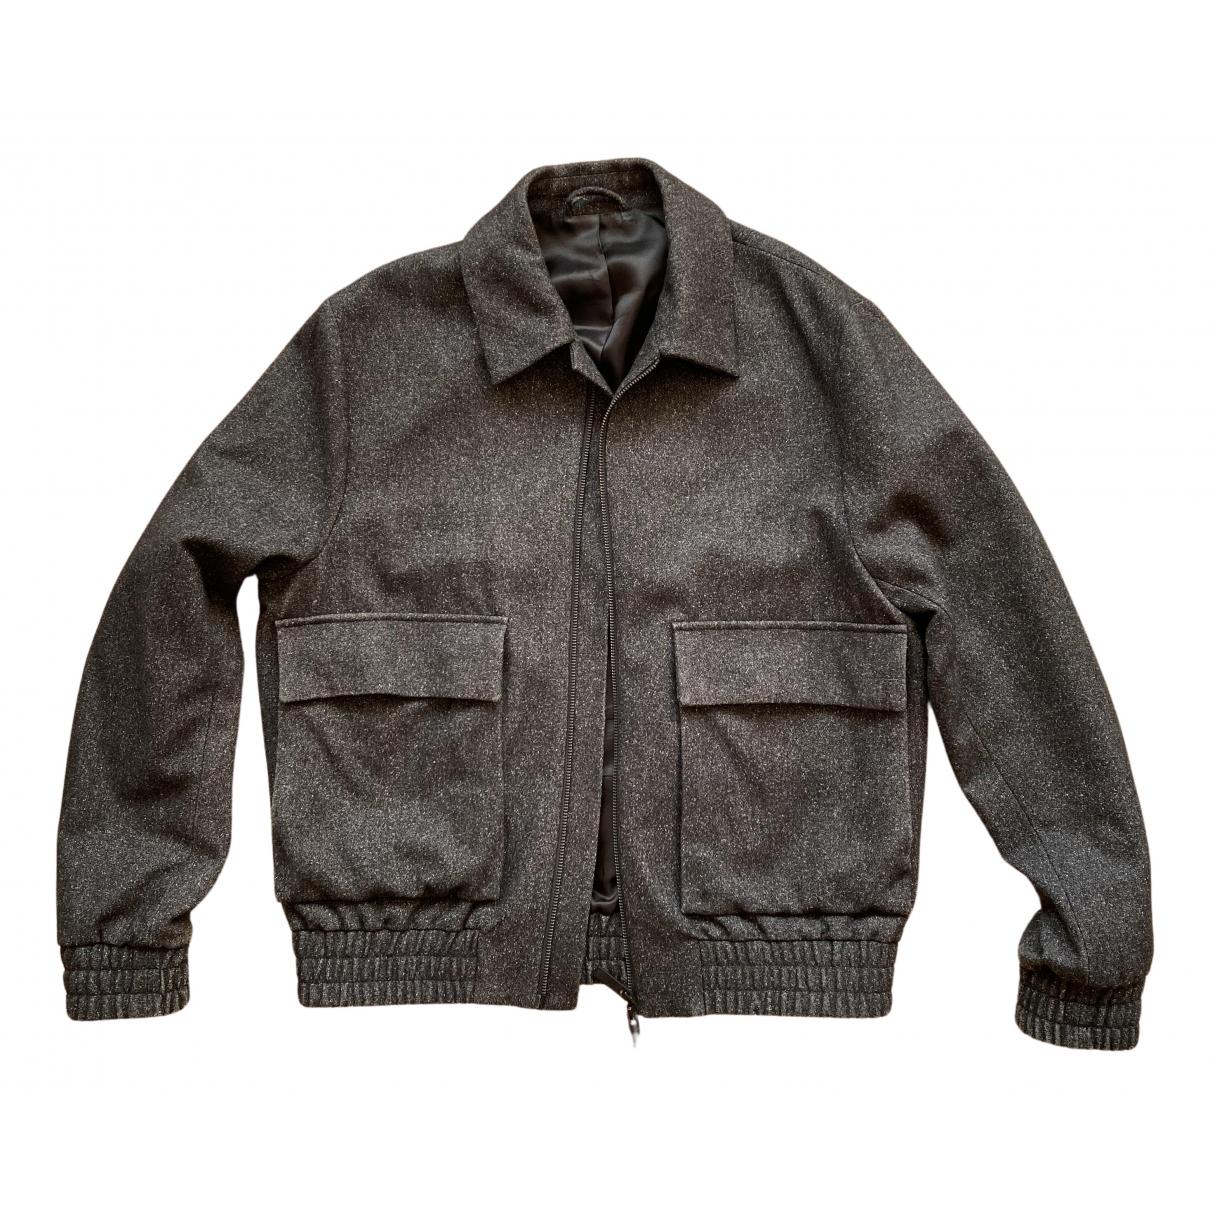 Cos - Vestes.Blousons   pour homme en laine - anthracite